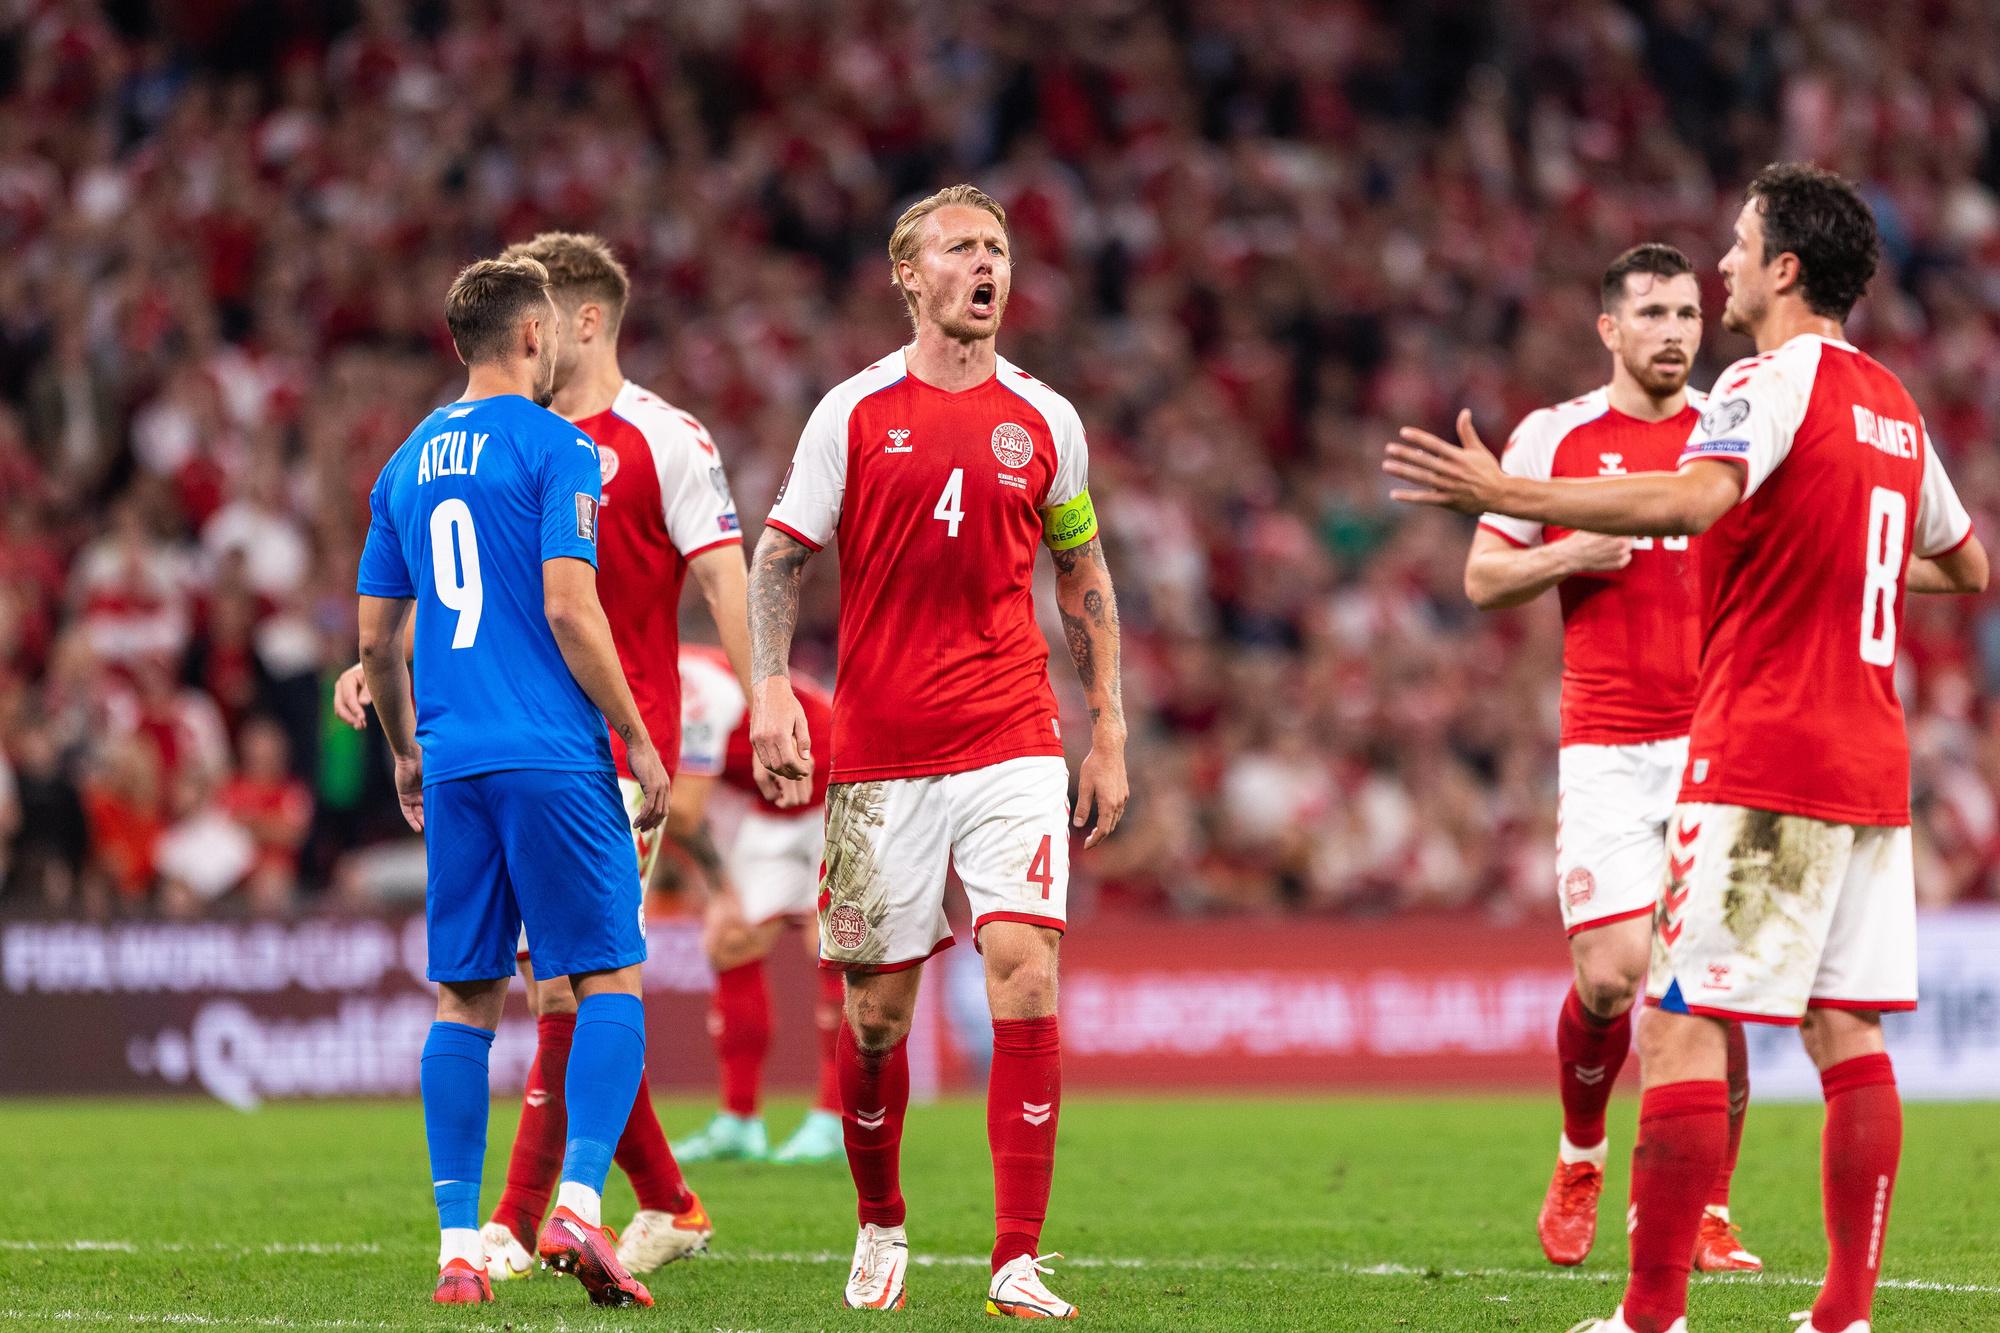 Le Danemark a bien digéré son Euro riche en émotions. Les hommes de Kasper Hjulmand continuent de gagner et mardi soir ce sont les Israéliens qui se sont pris un score de forfait., belga